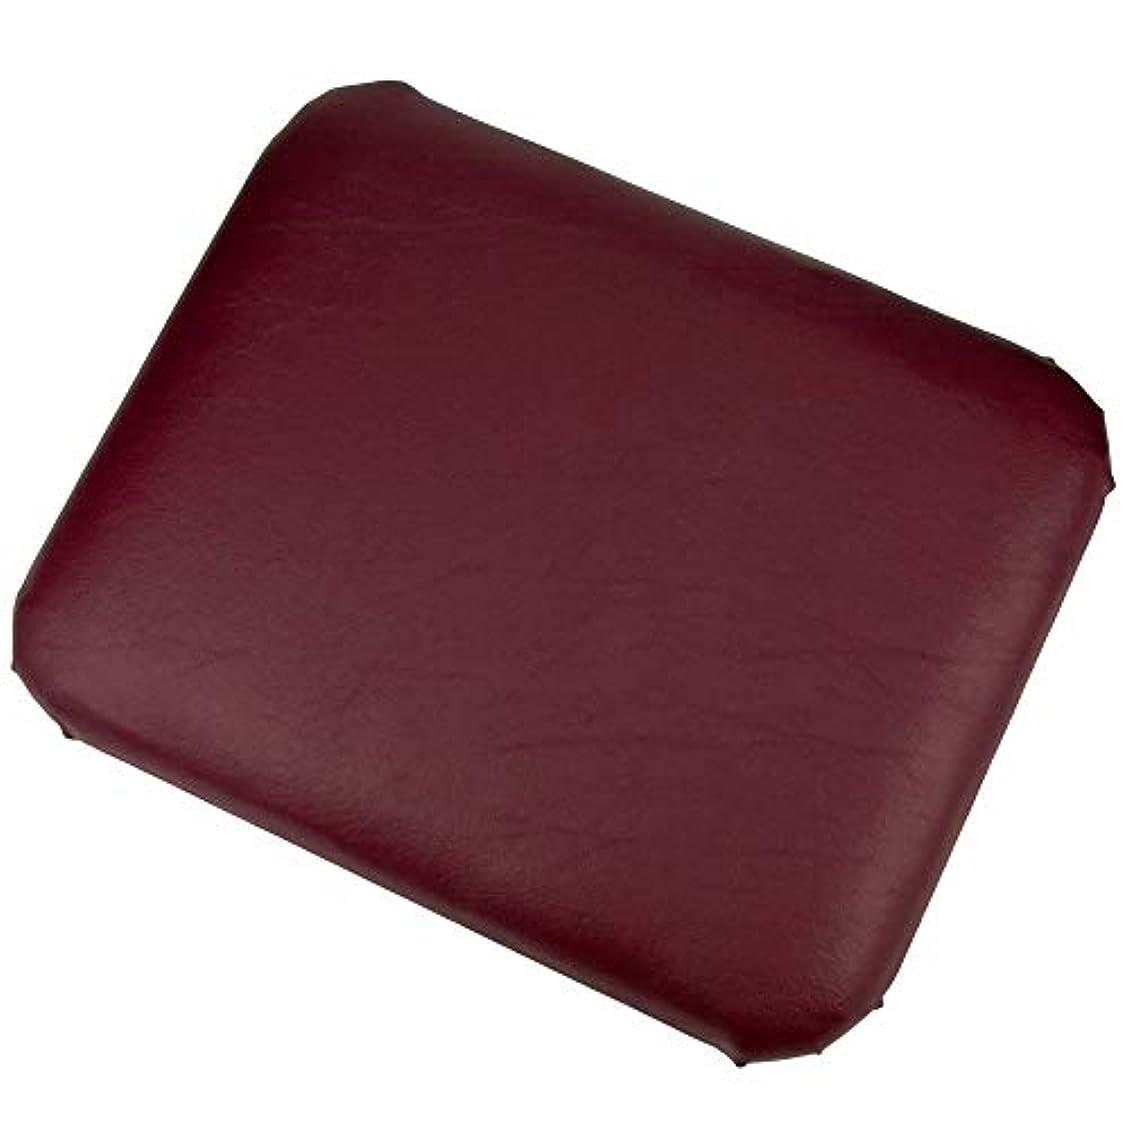 成熟シート眠るLLOYD (ロイド) テーブルボード 骨盤 マッサージ 柔らかすぎる テーブル や ベッド を安定させ 脊椎 の 前方変位 の 矯正 などにも最適 【ルビー】